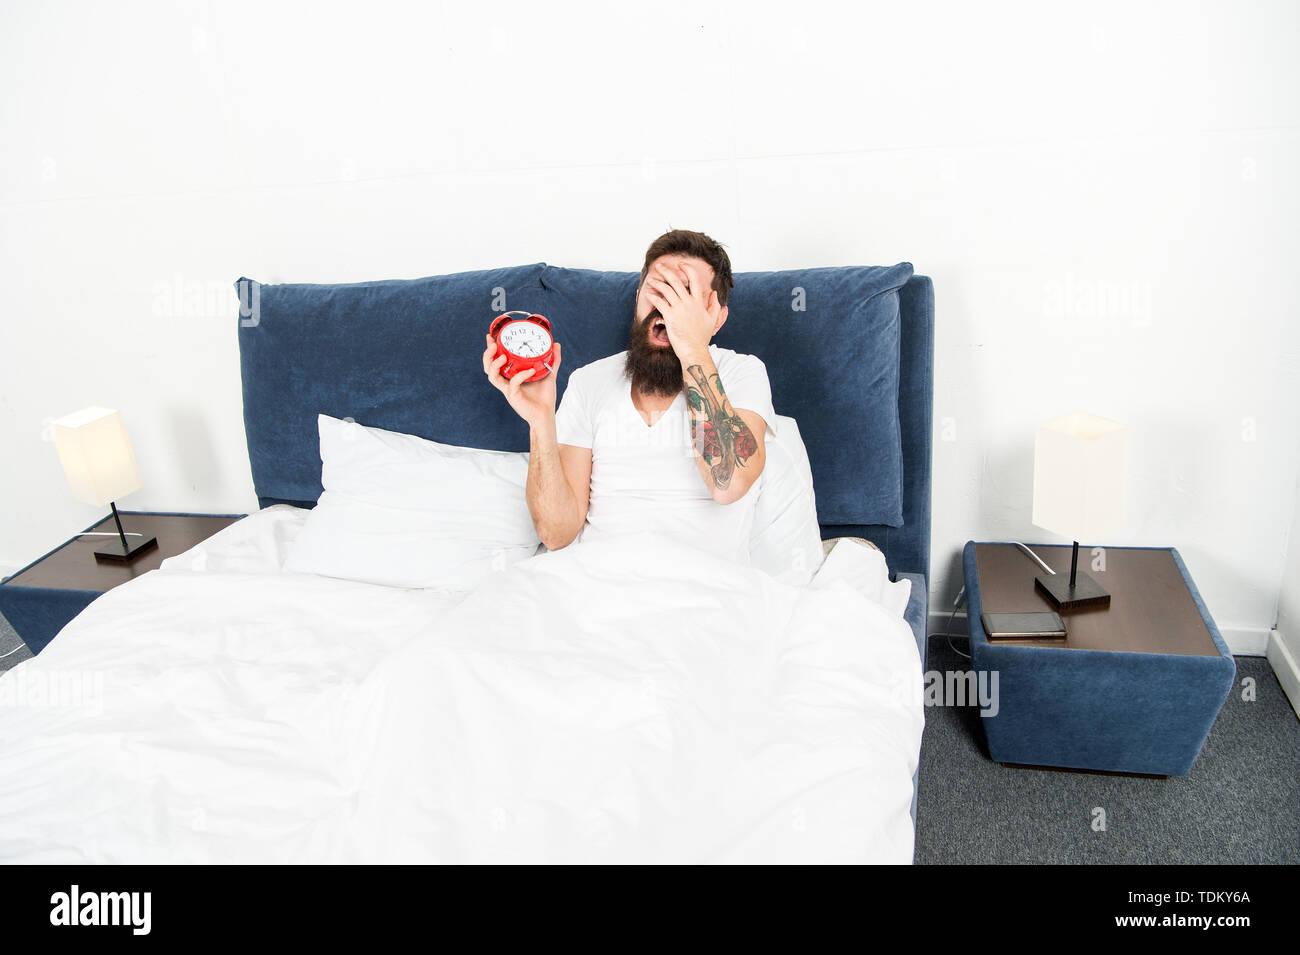 Uomo Barbuto hipster odio svegliarsi presto. L'energia distruttiva. Più difficile momento della giornata. È del tutto normale per odiare il vostro suono di allarme. Odioso pianificazione. Migliori orologi di allarme per le persone che odiano la mattina. Immagini Stock